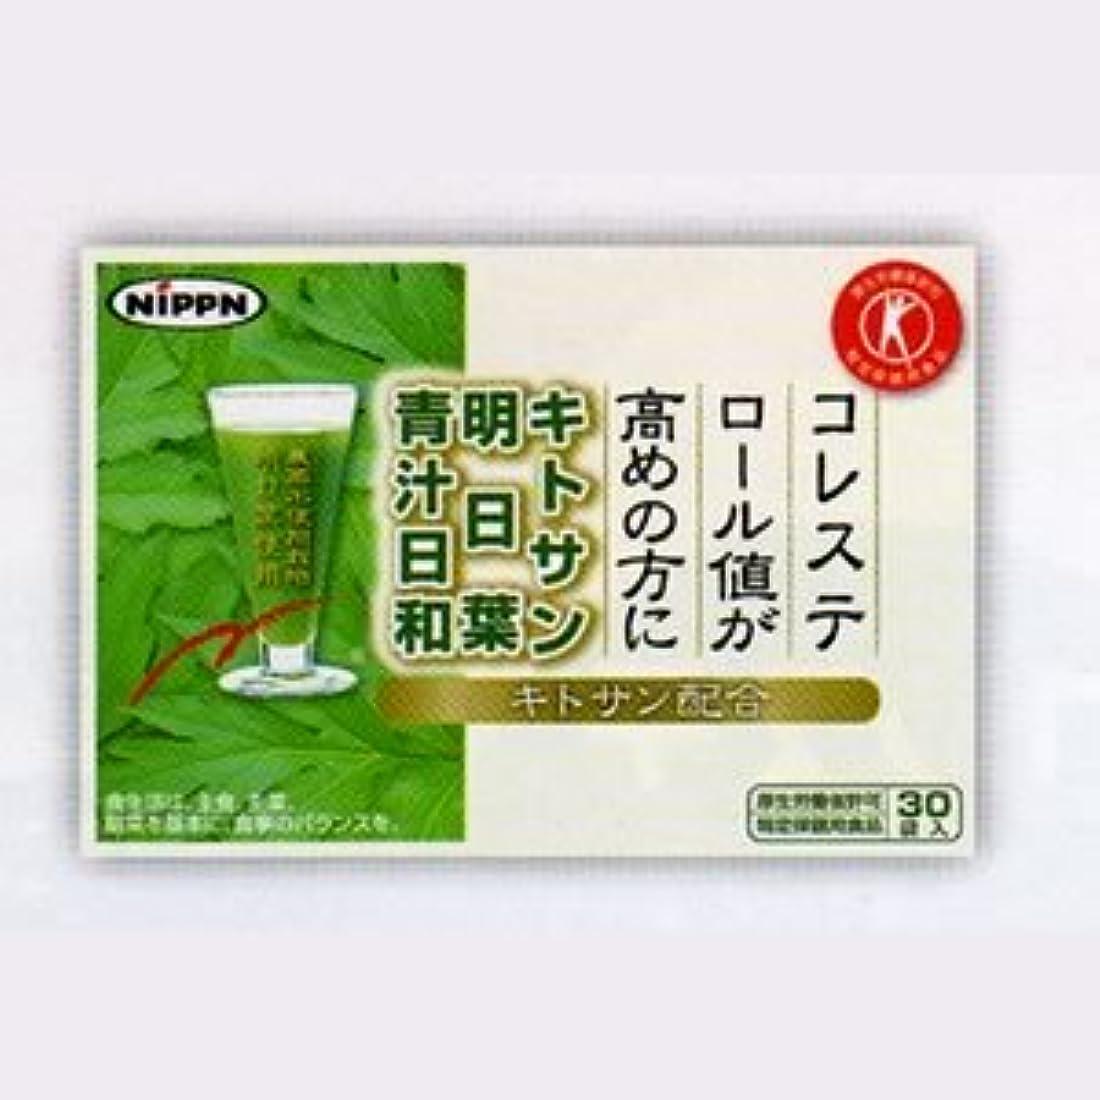 小説家緑スリンク【日本製粉】キトサン明日葉青汁日和 30袋